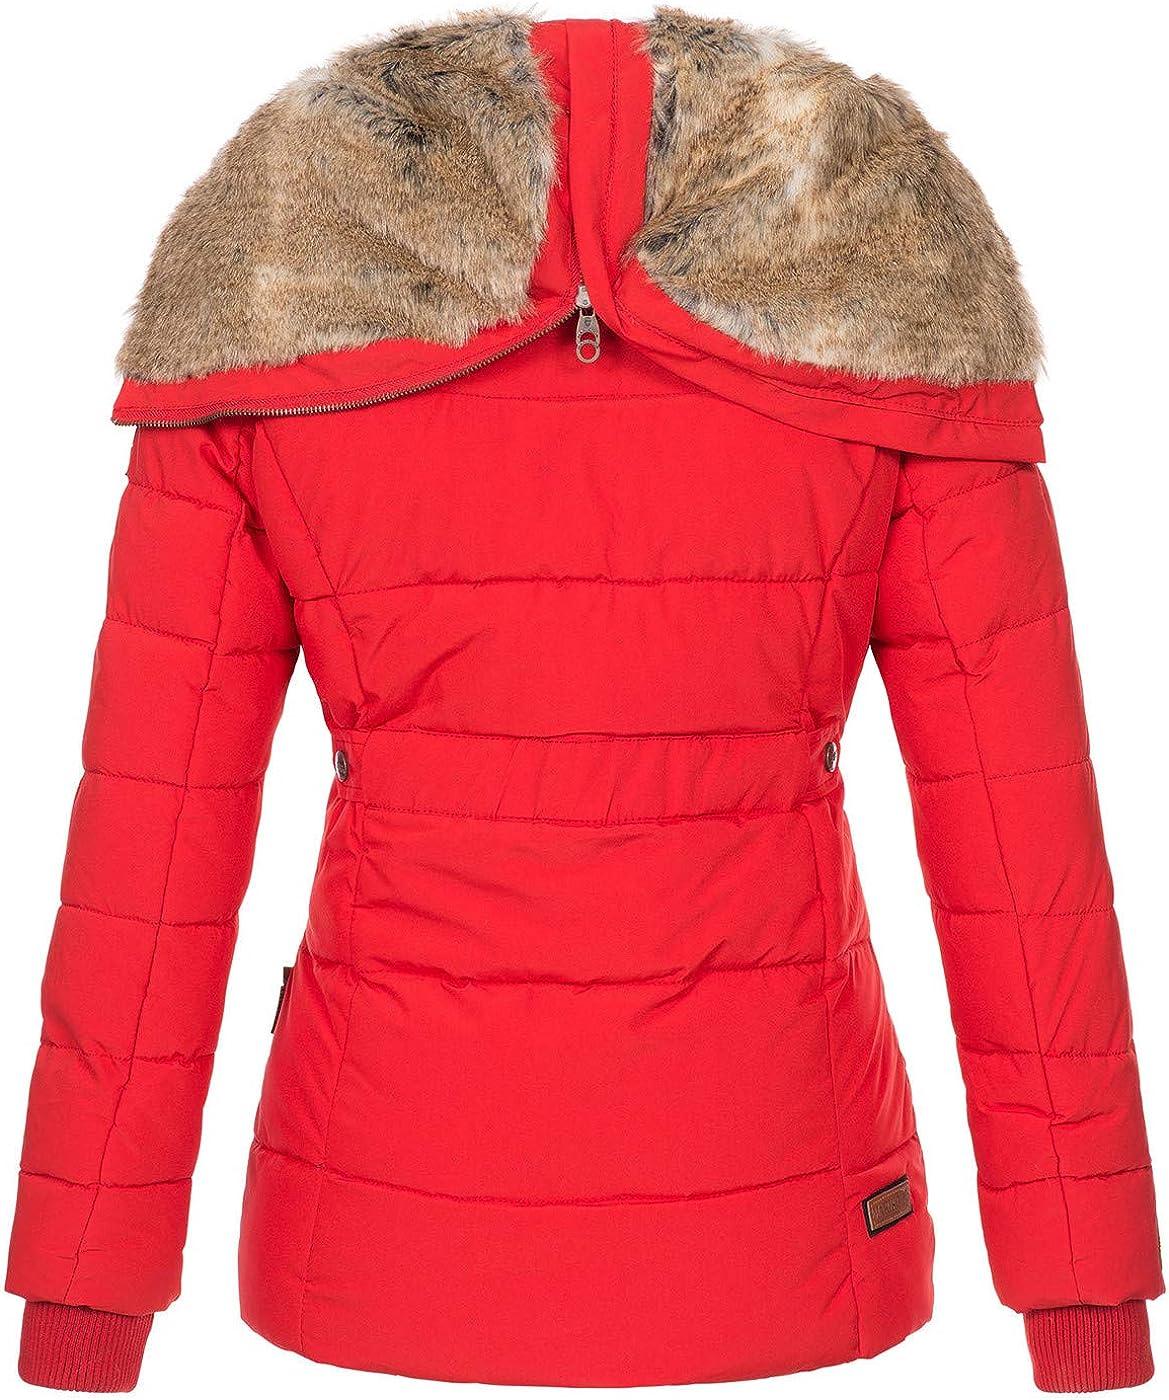 Marikoo warme Damen Winter Jacke Winterjacke Steppjacke gef/üttert Kunstfell B658